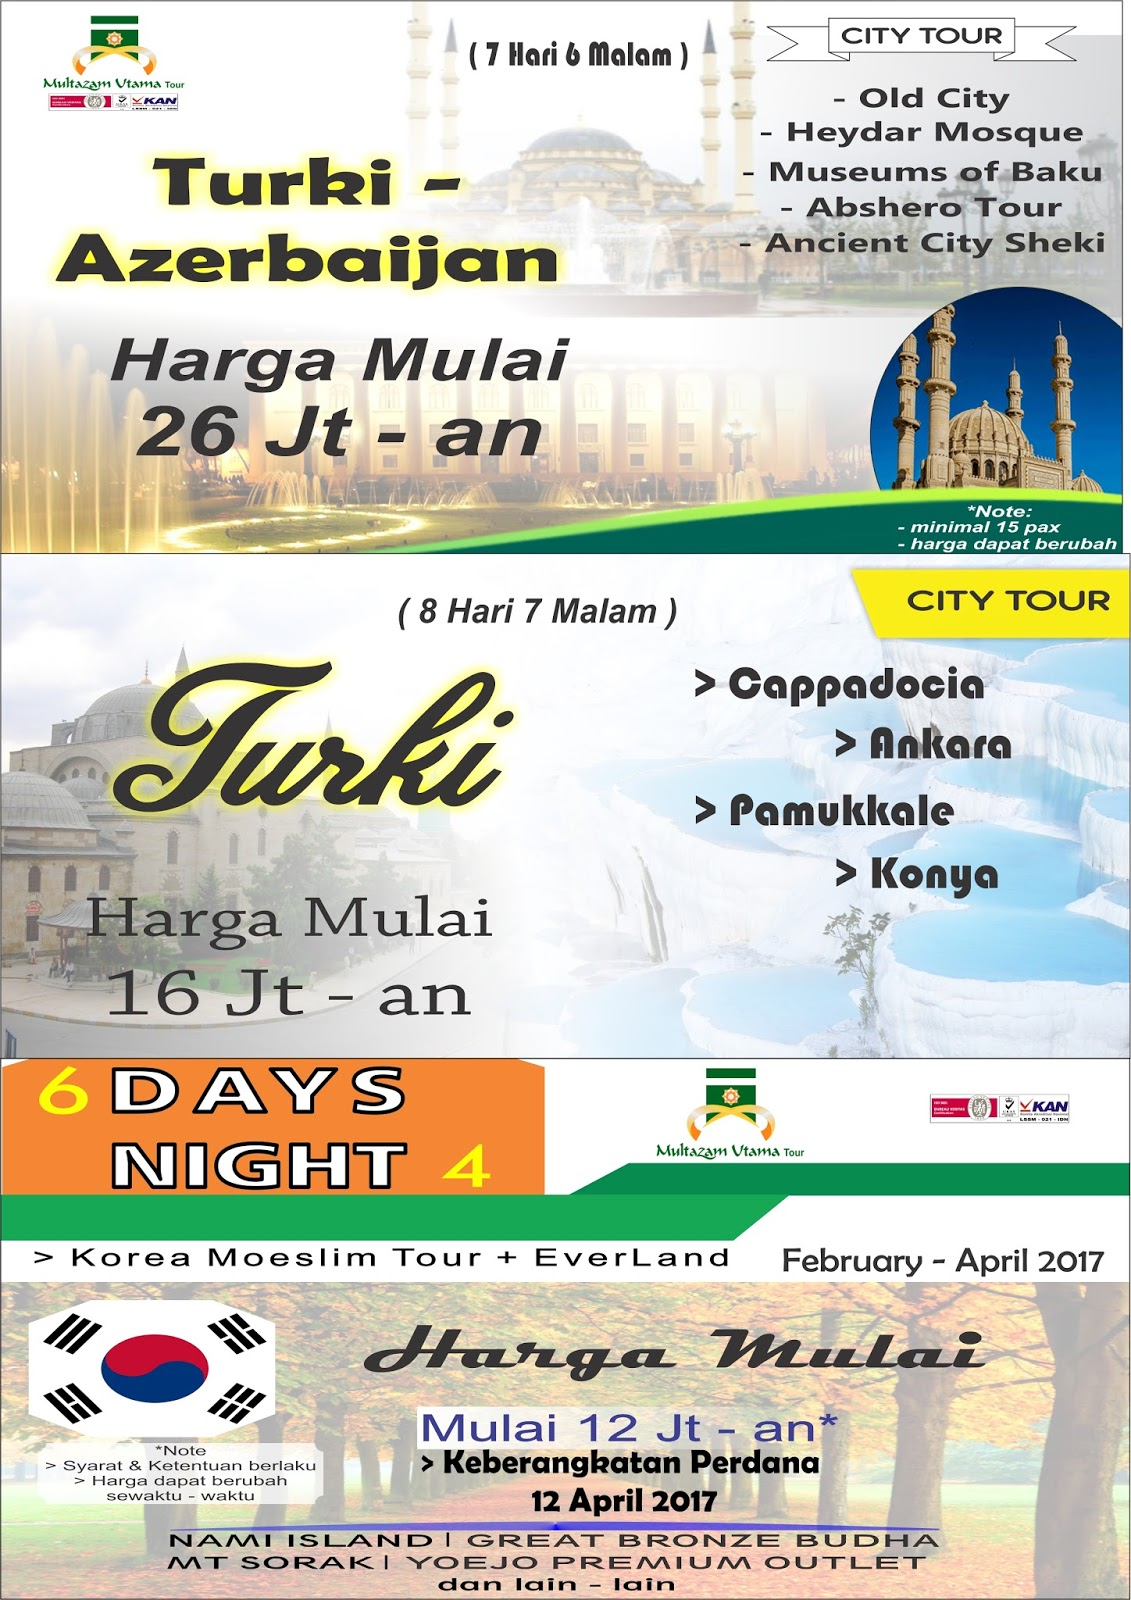 paket wisata dalam negeri dan wisata luar negeri 2017 multazam rh multazamsemarang blogspot com paket tour luar negeri murah 2018 paket tour luar negeri murah 2018